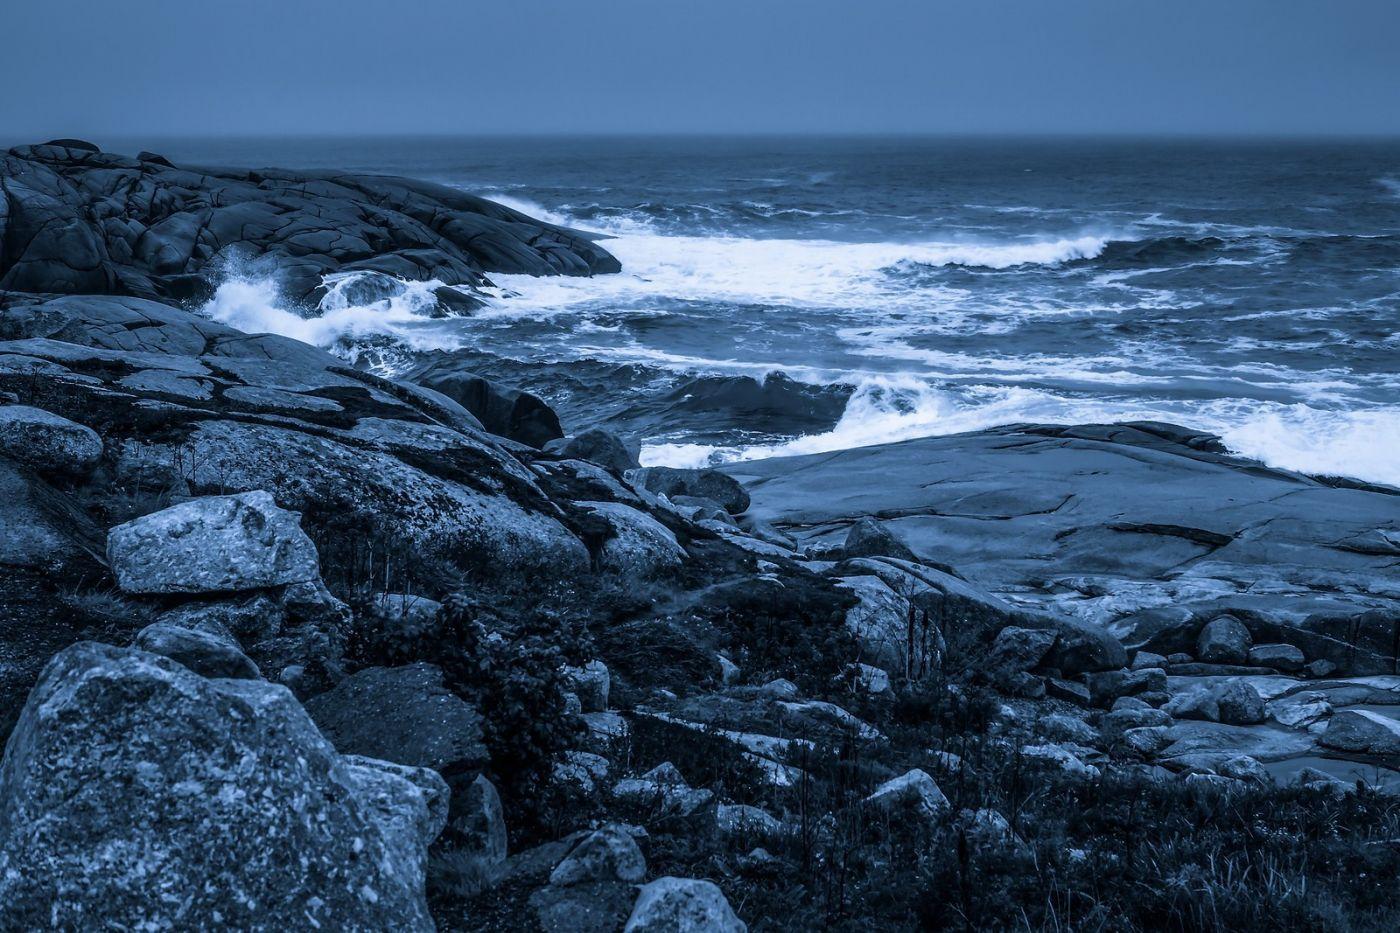 加拿大佩吉海湾(Peggys Cove),礁石上的灯塔_图1-21